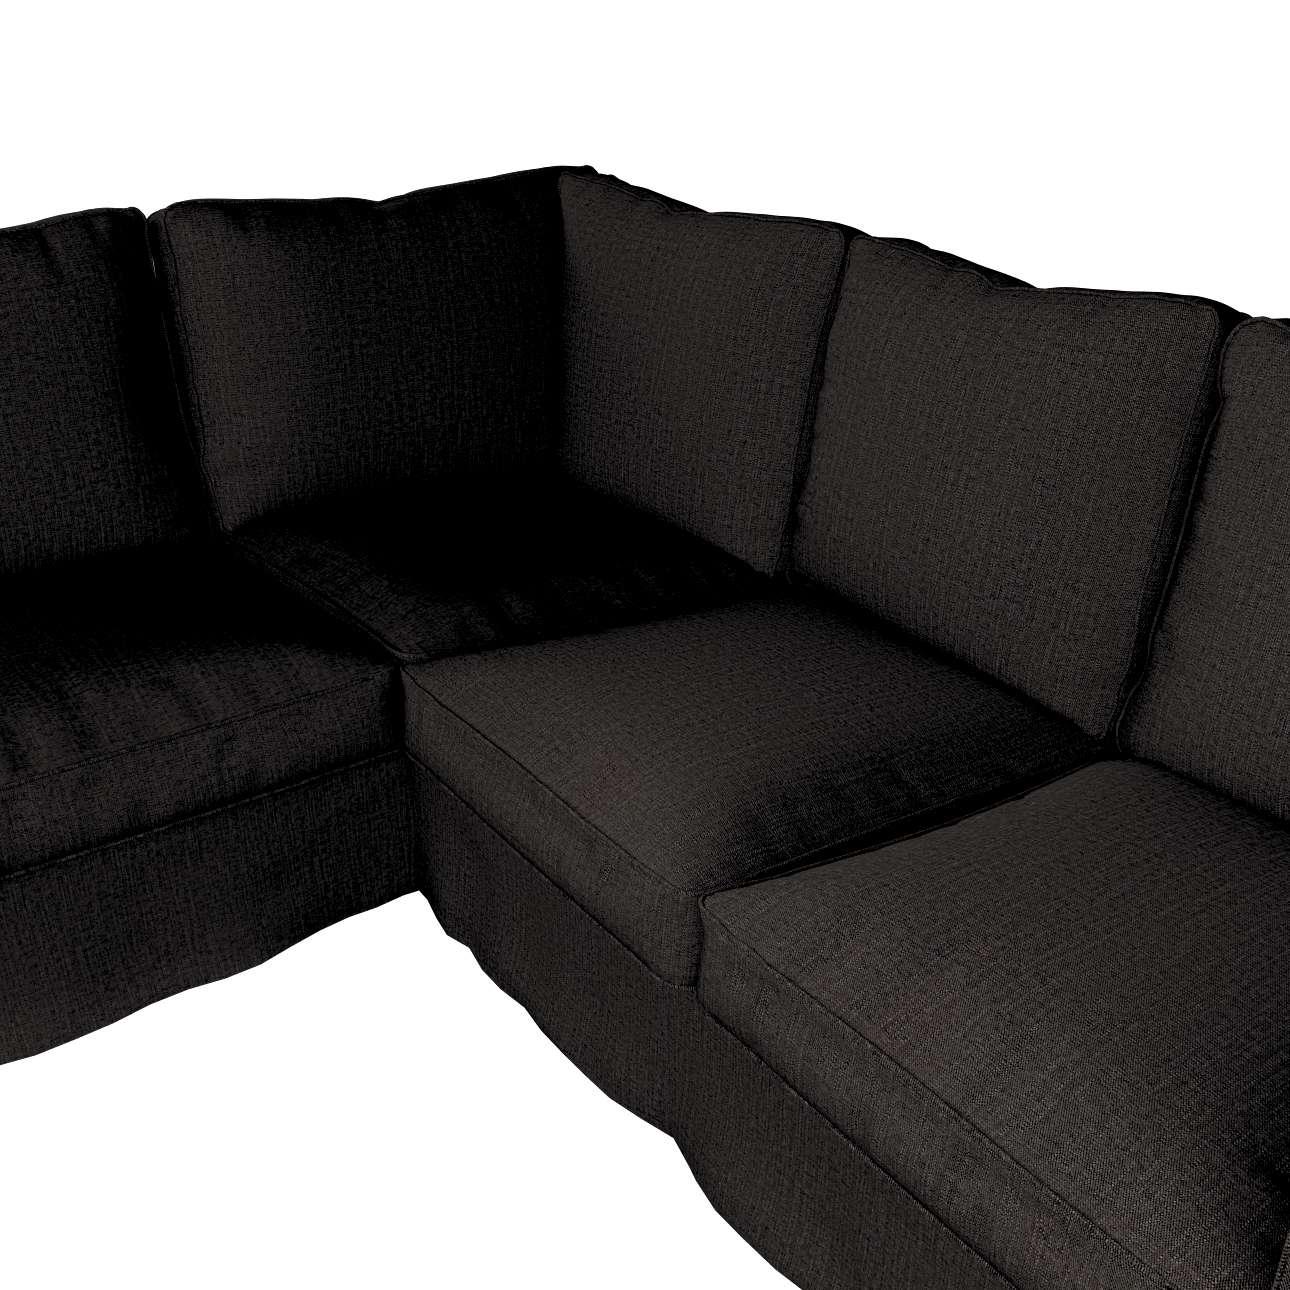 Pokrowiec na sofę narożną Ektorp w kolekcji Etna, tkanina: 702-36